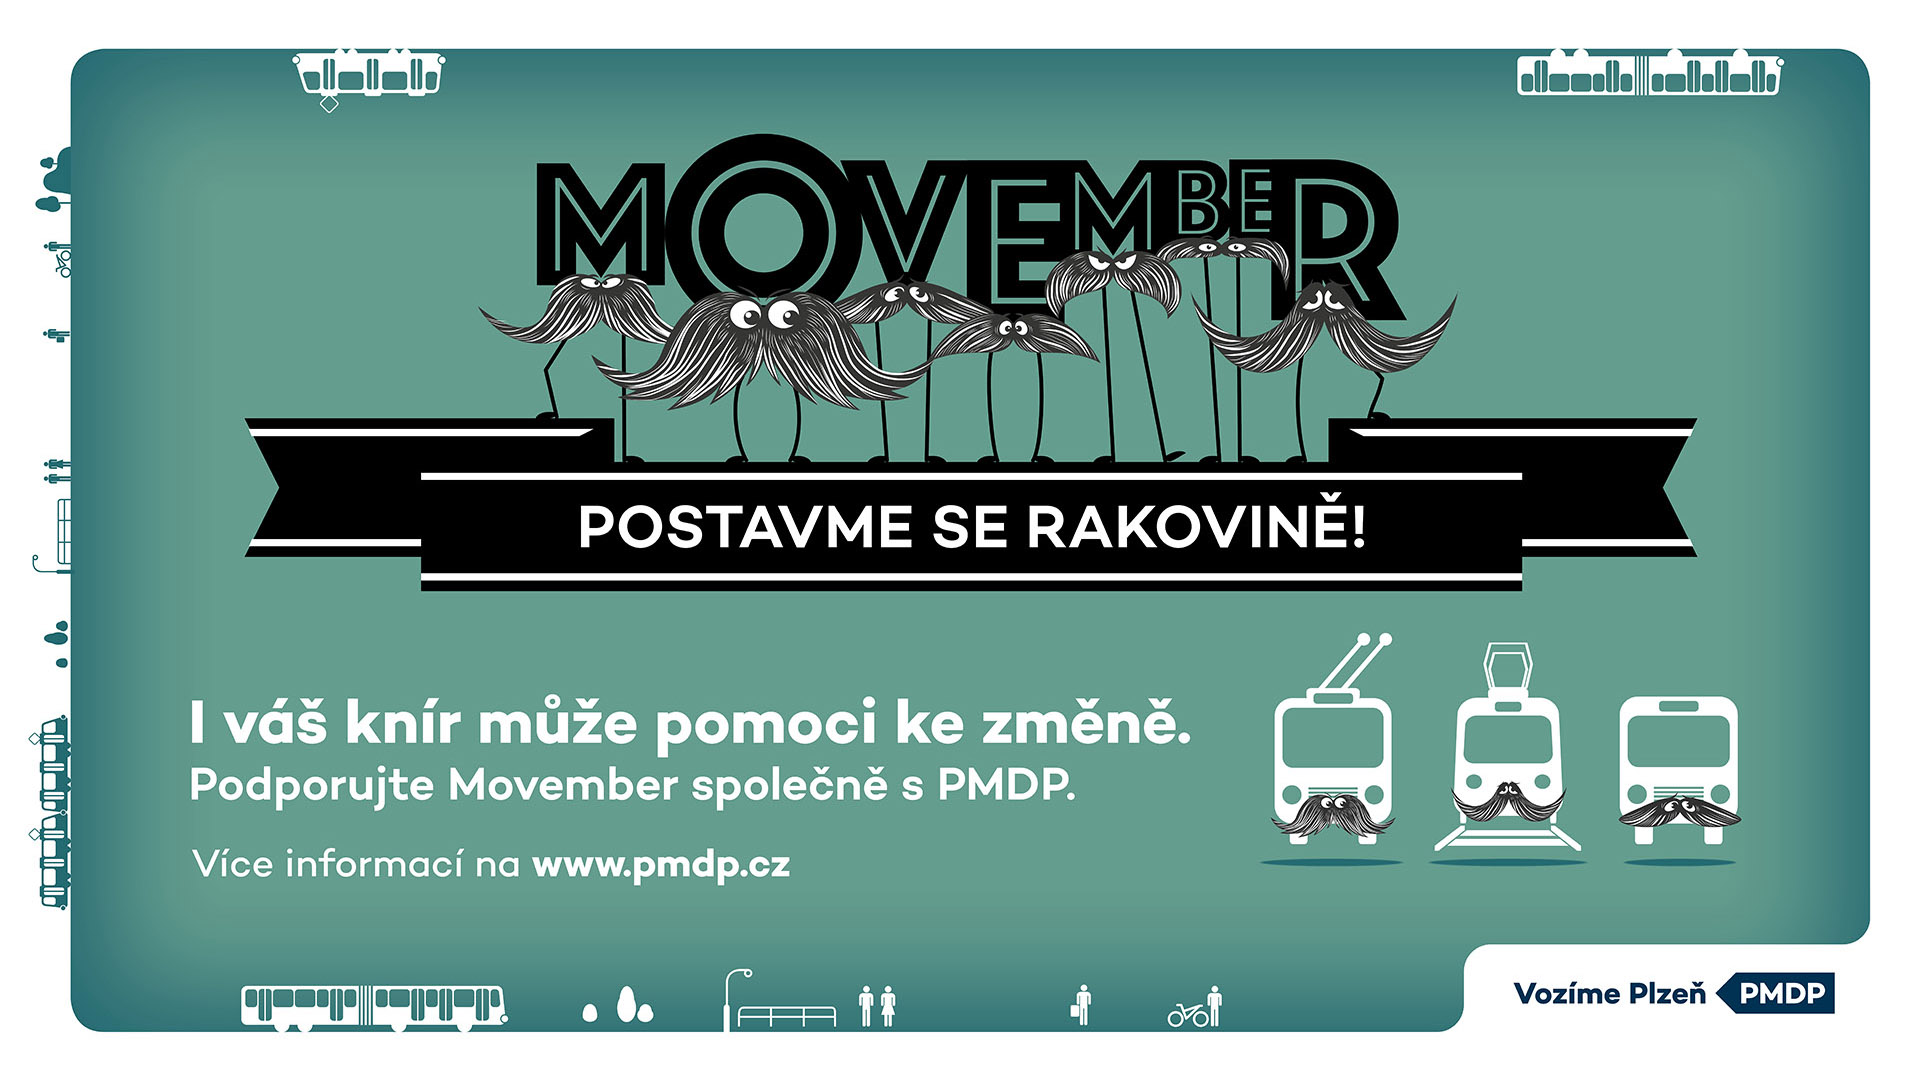 Movember: I váš knír může pomoci ke změně. | Zdroj: PMDP a.s.